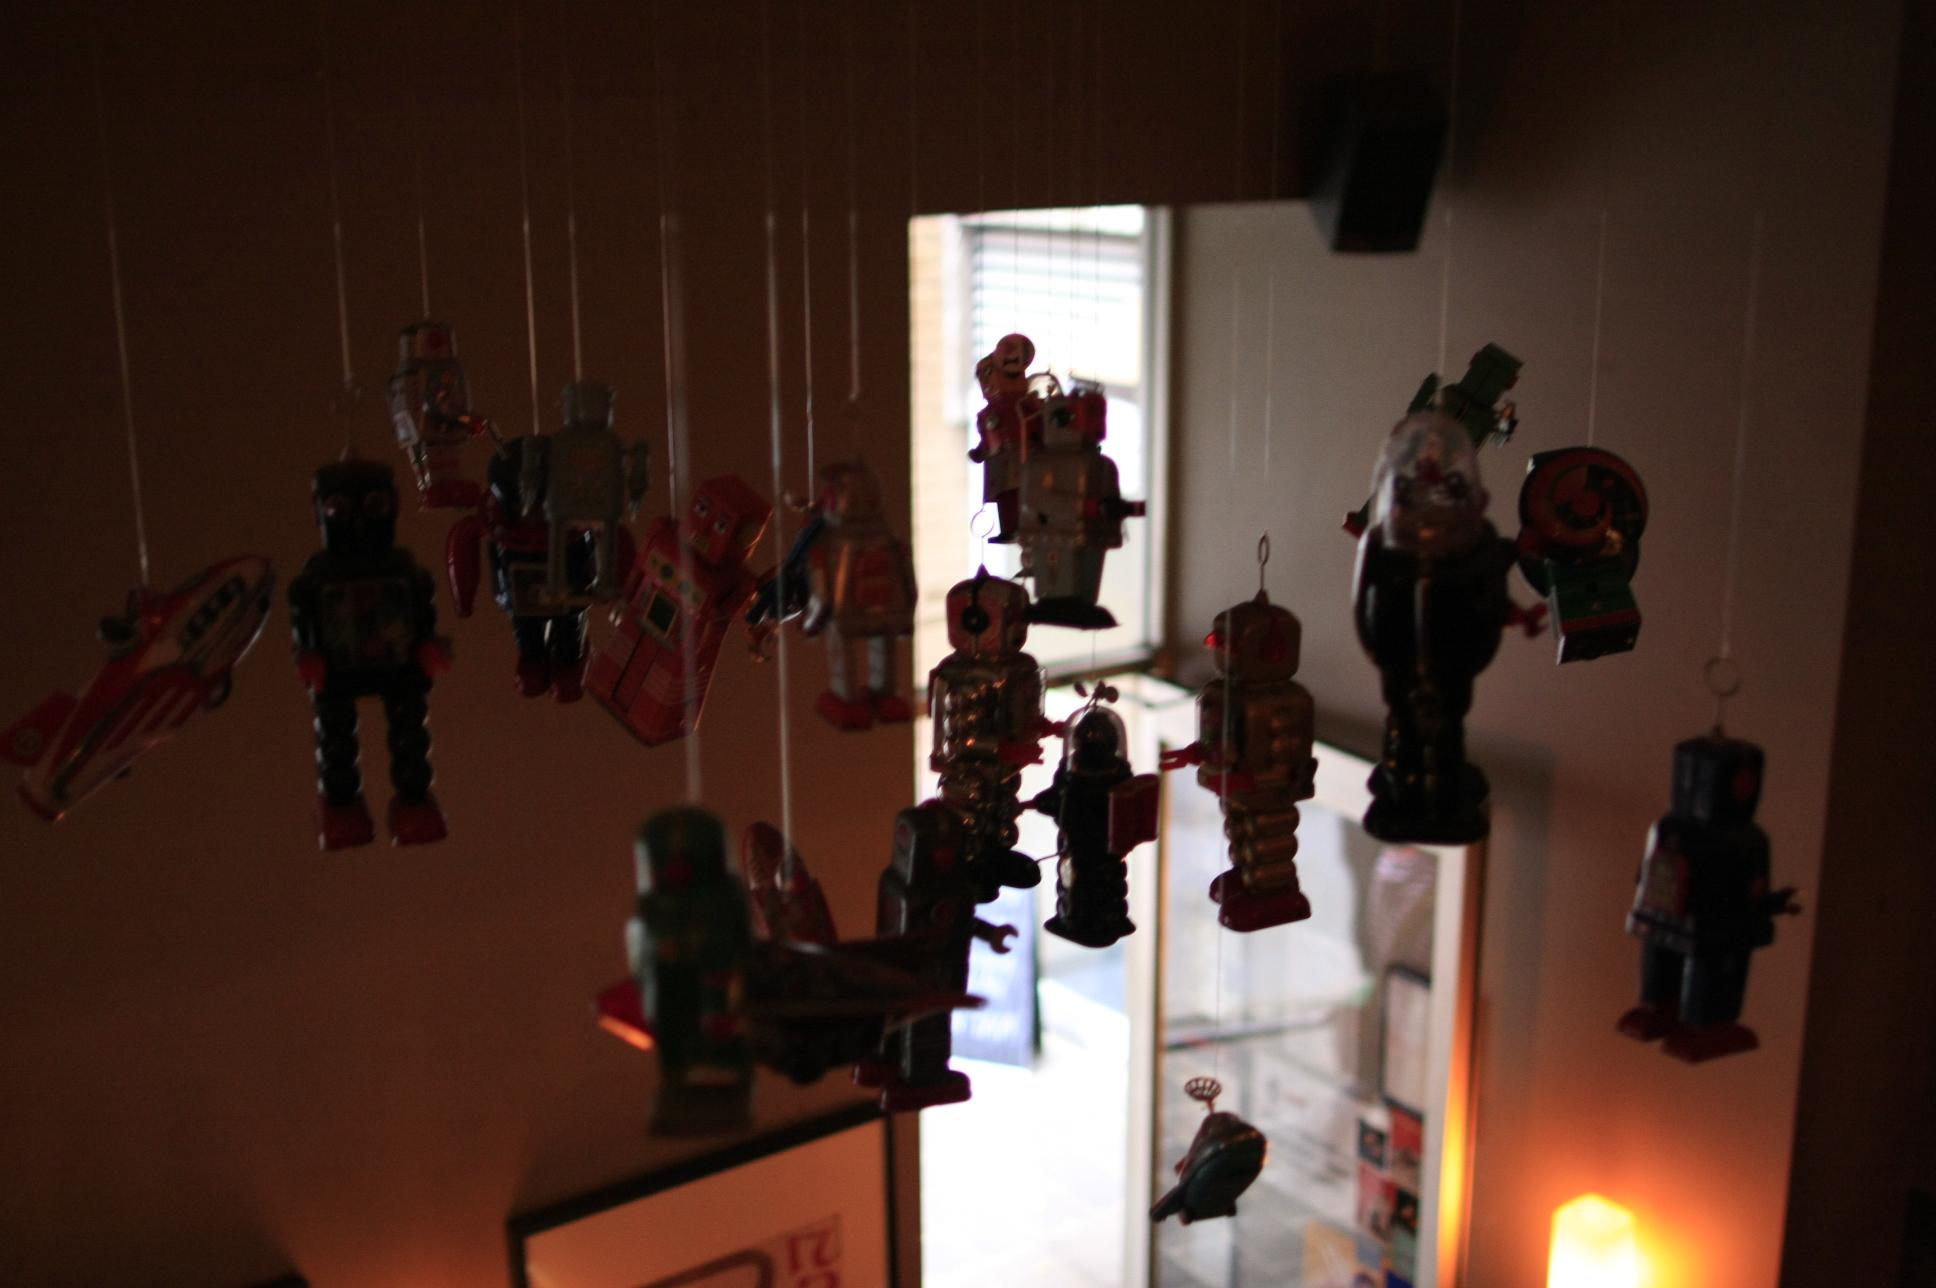 Robot tin toys